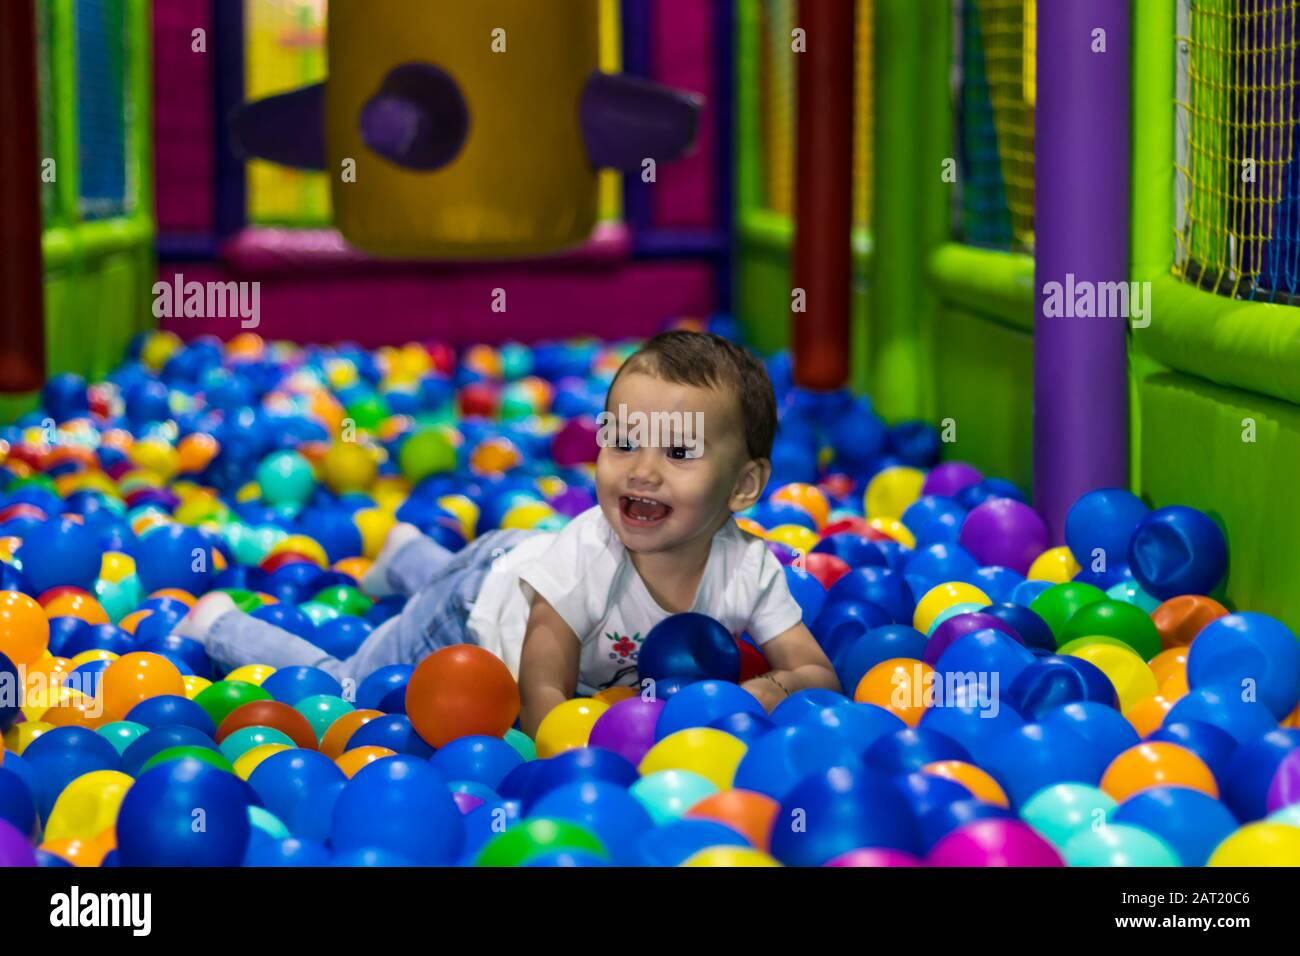 Una chica pequeña linda y feliz riendo y jugando en un patio interior en un centro comercial en Dubai, Emiratos Árabes Unidos. Foto de stock